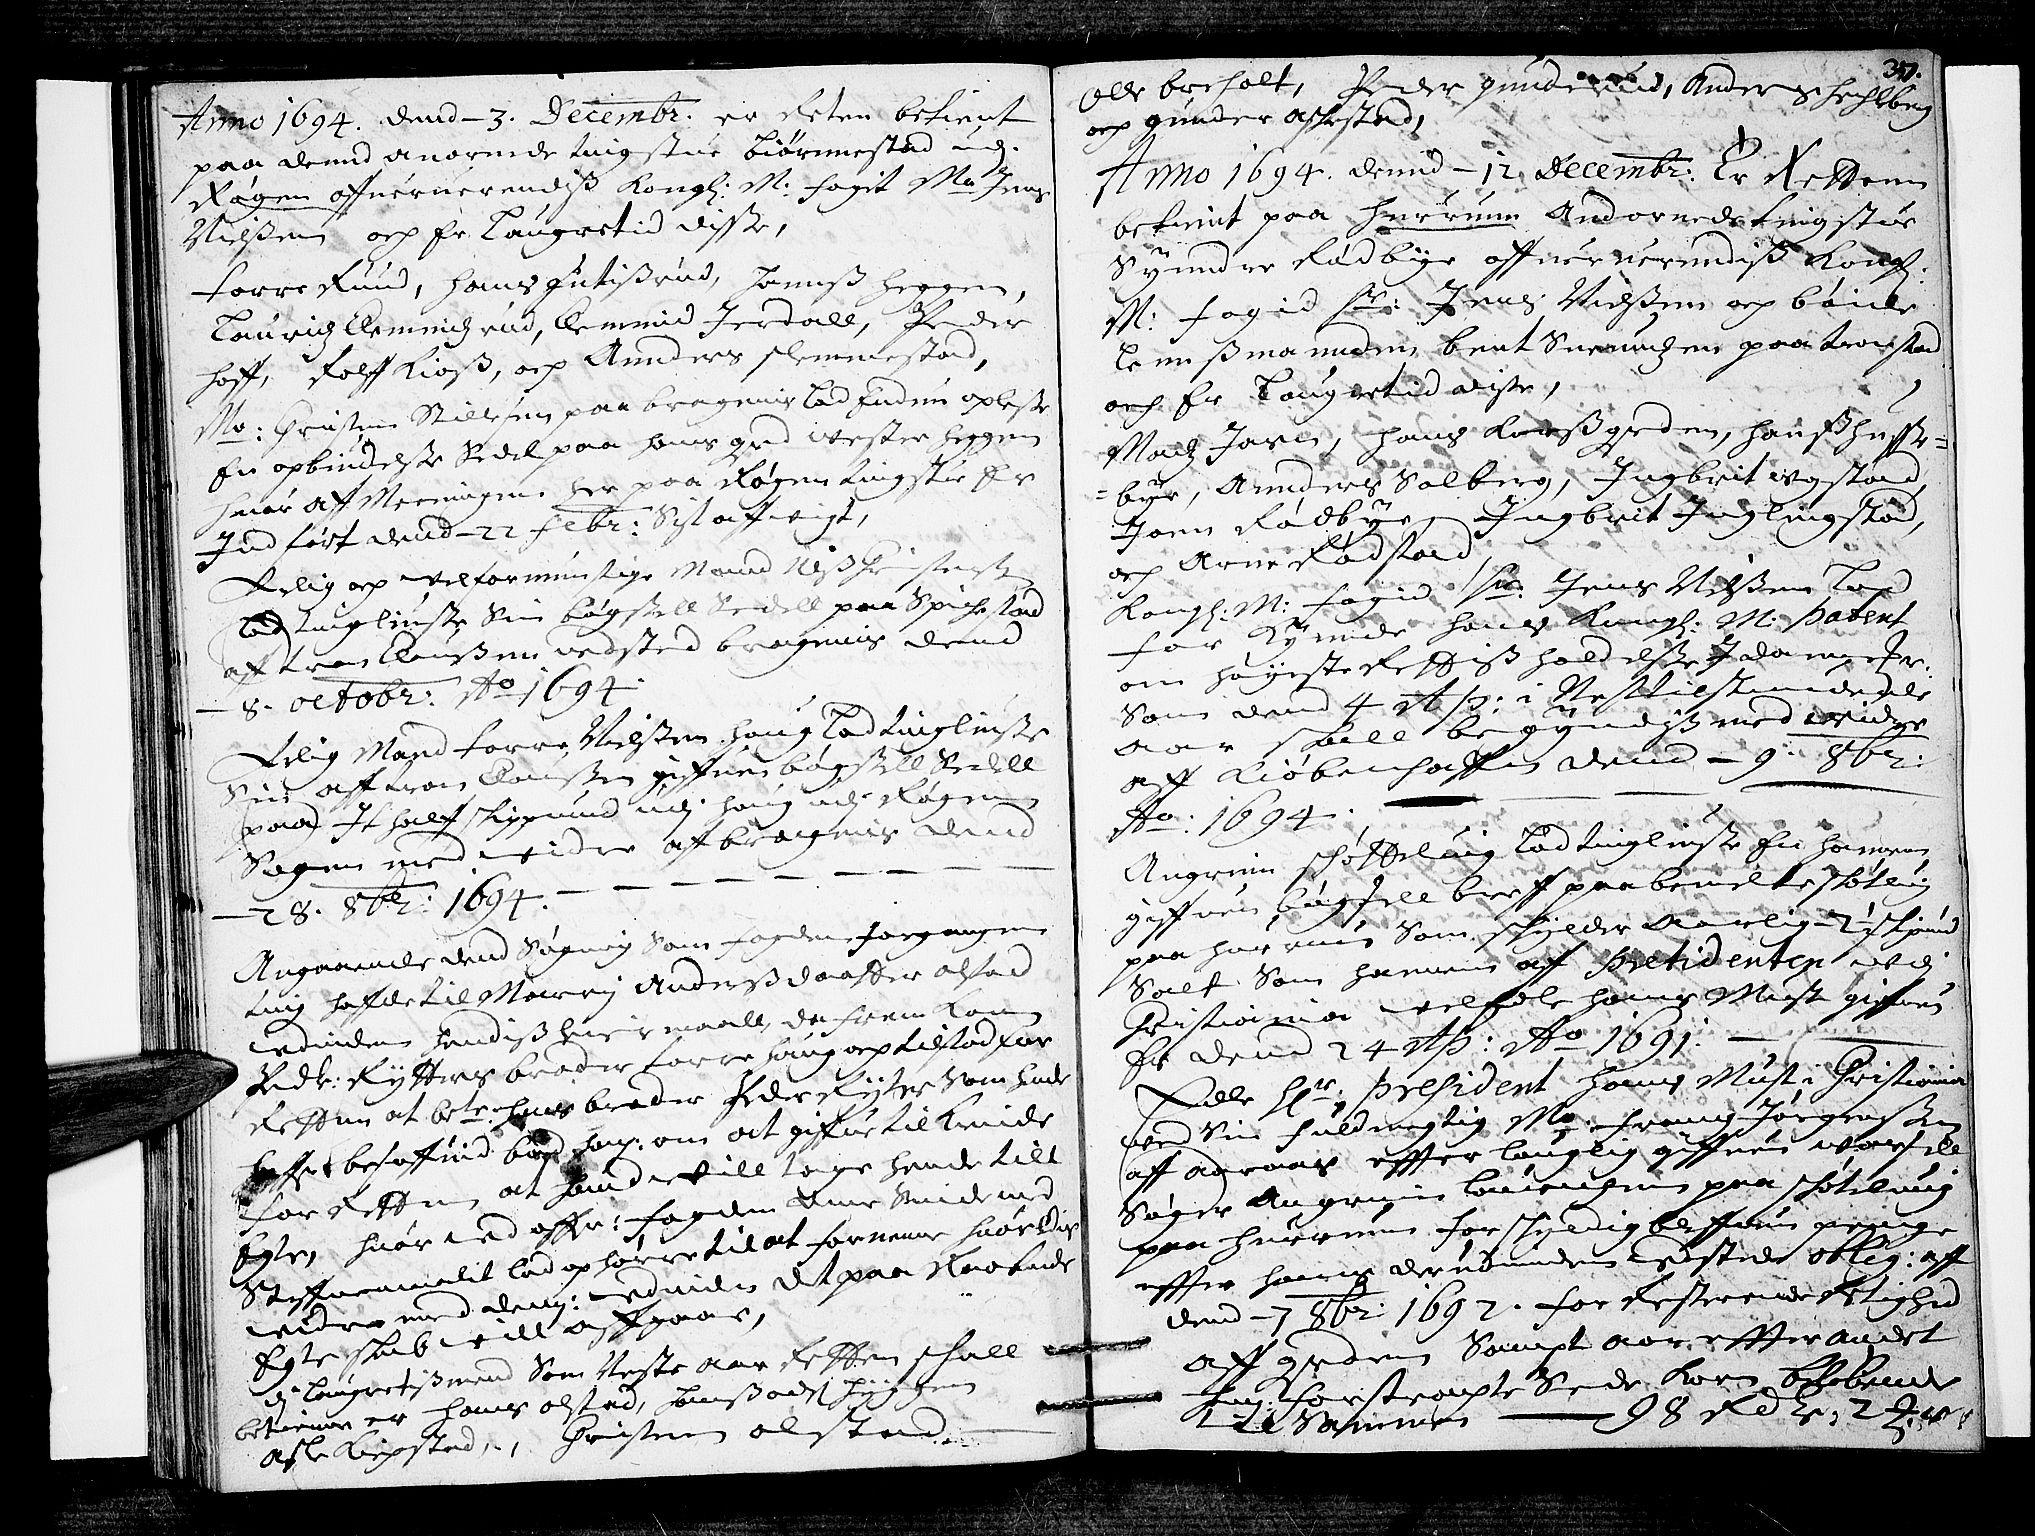 SAKO, Lier, Røyken og Hurum sorenskriveri, F/Fa/L0035: Tingbok, 1694, s. 37